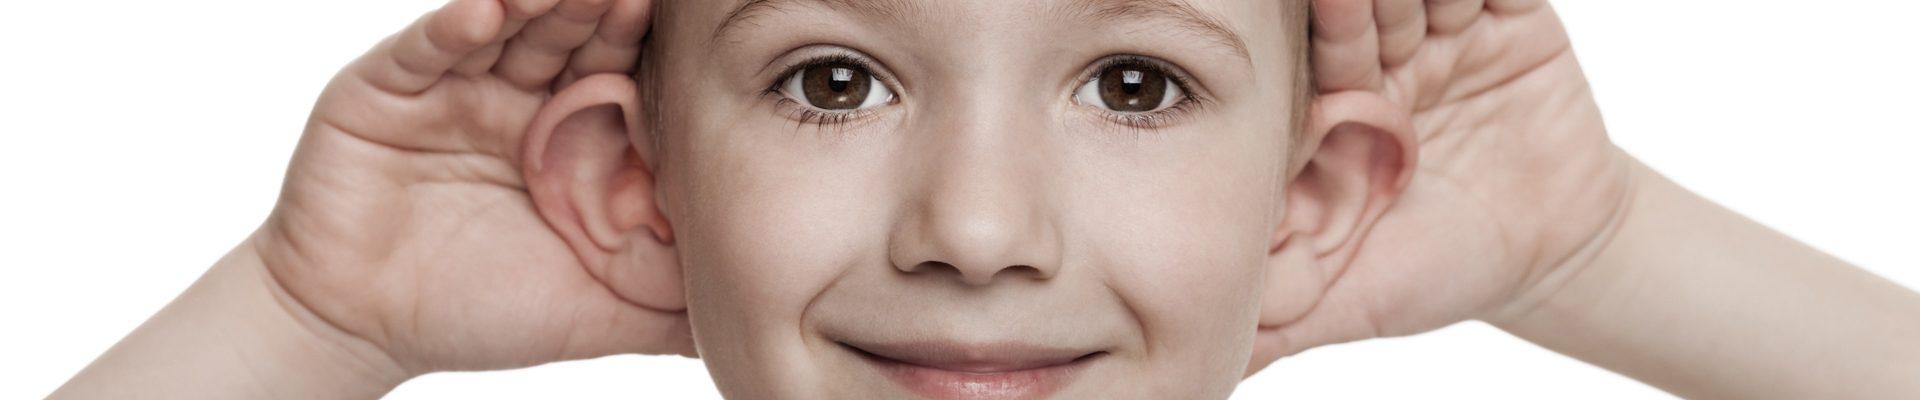 ωτοπλαστικη πλαστικη για πεταχτα αυτια